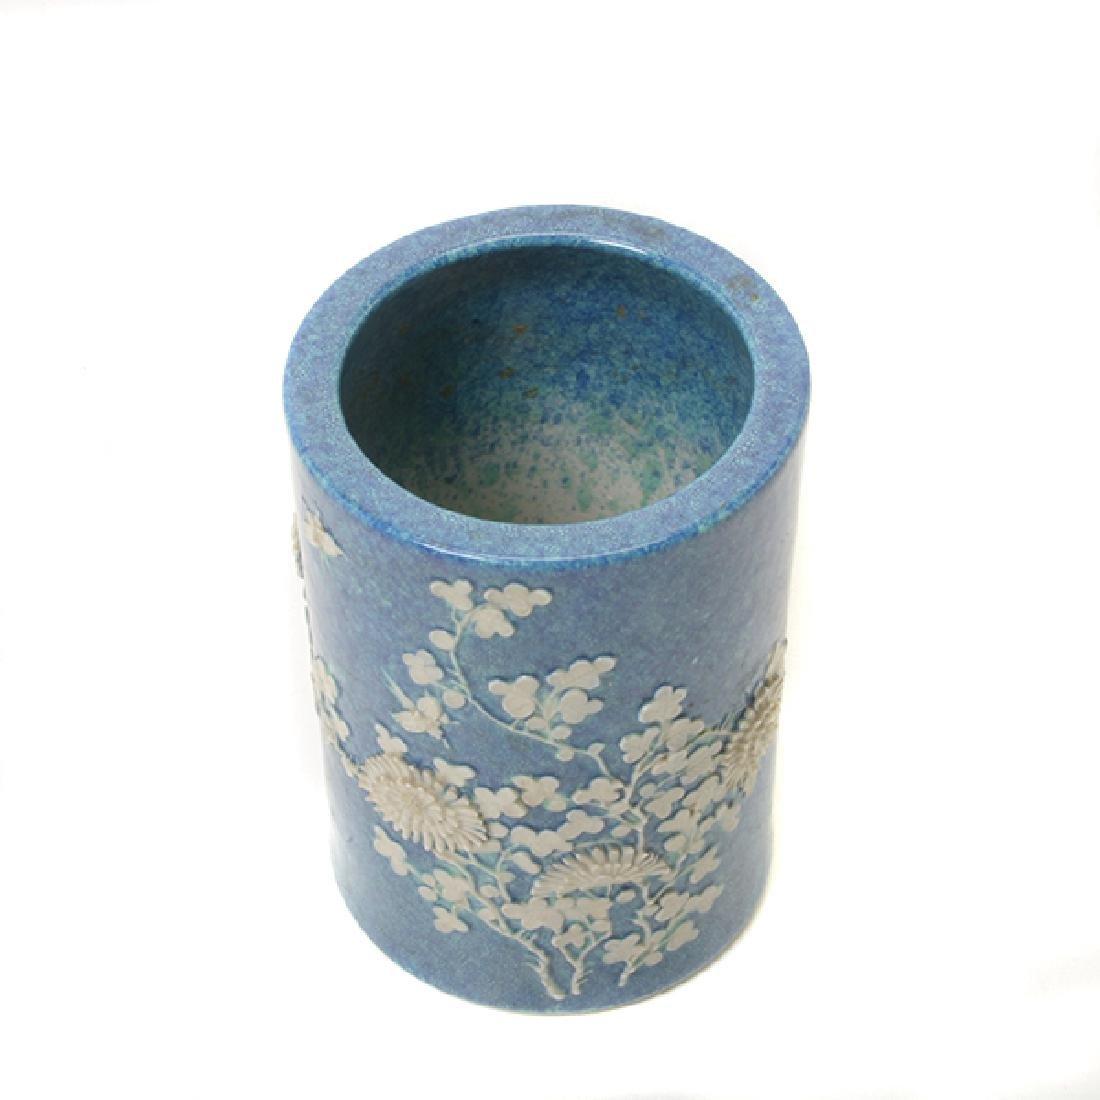 Pr of Biscuit Porcelain Brush Pots, L 19th/E 20th C - 3